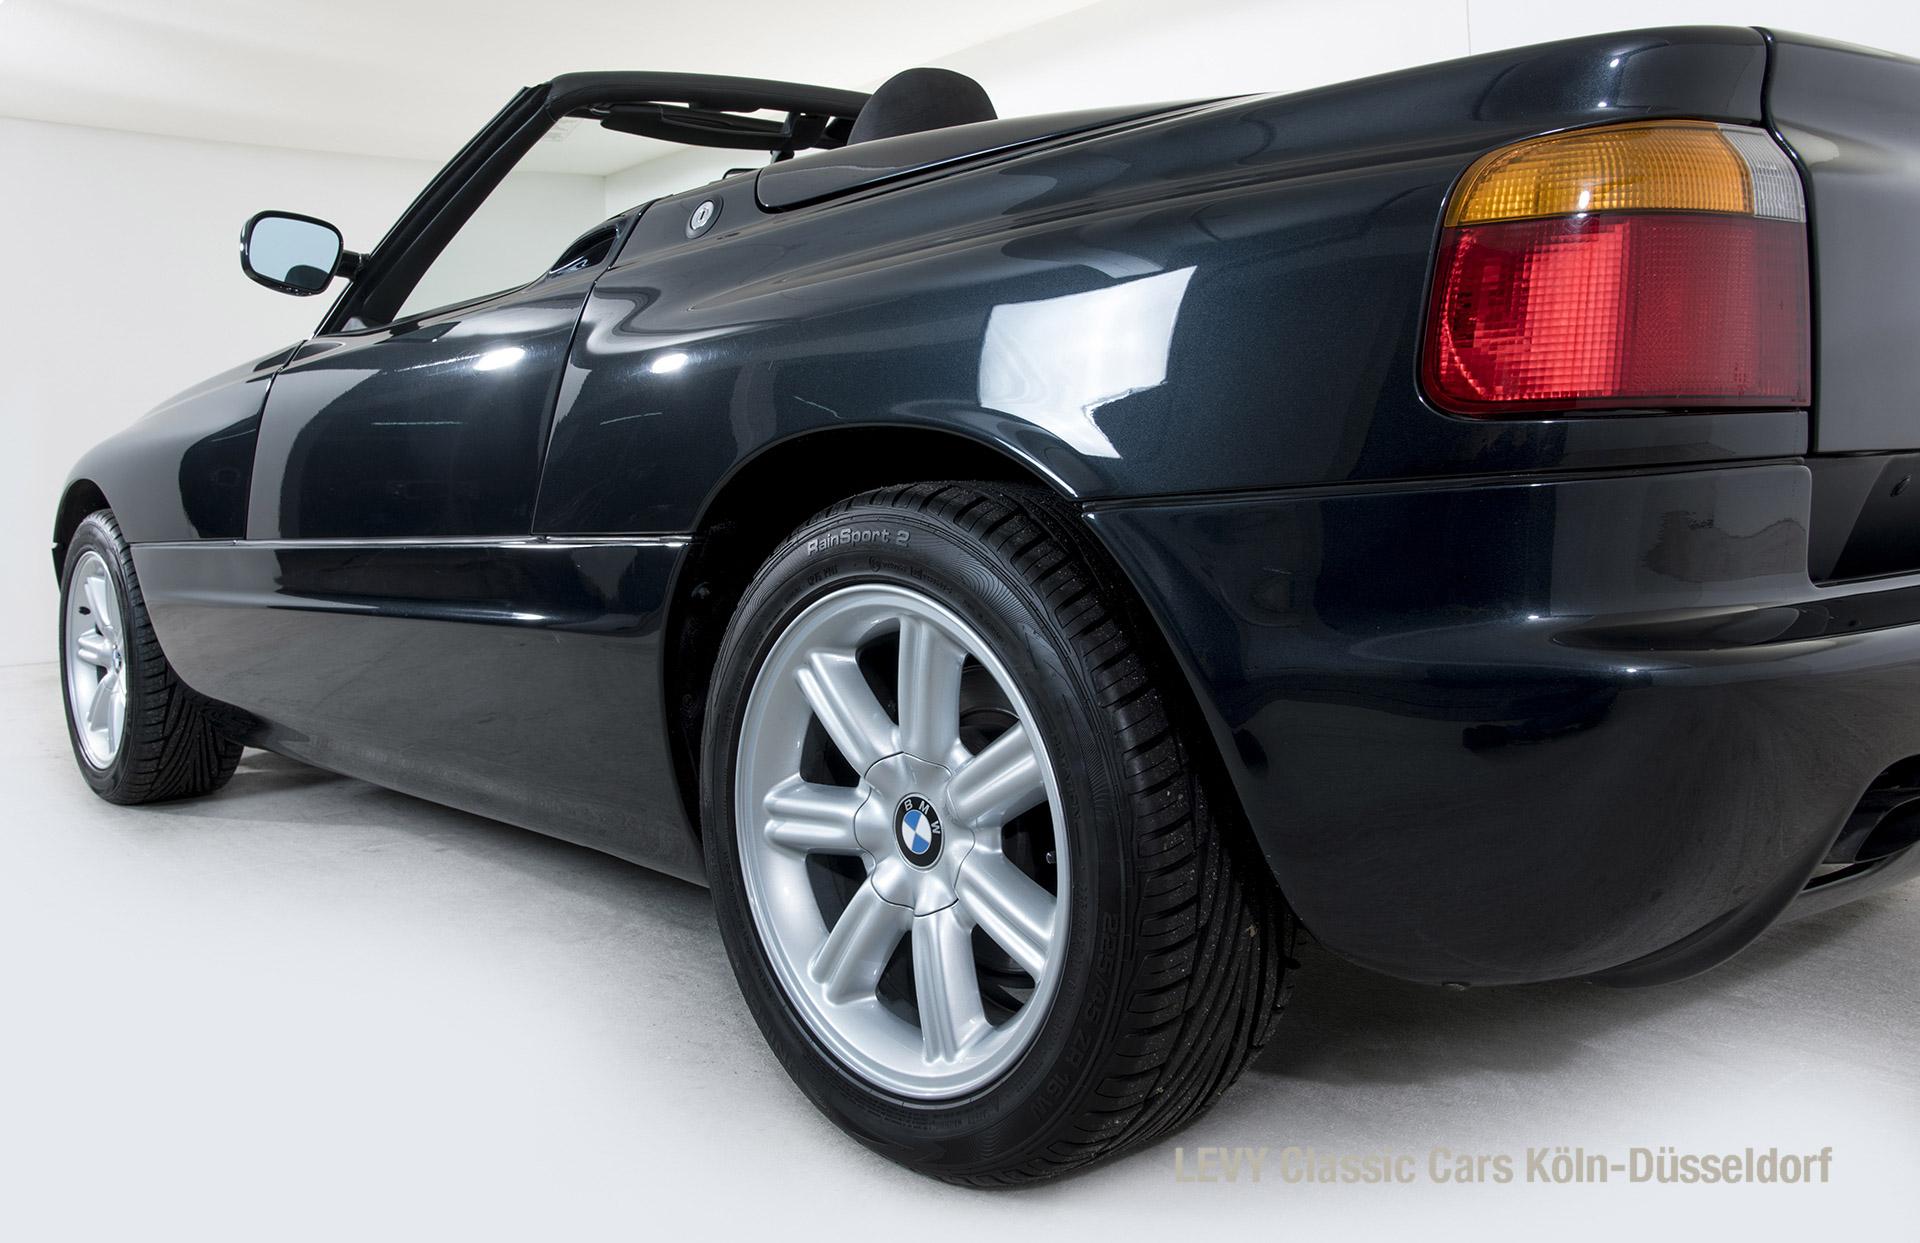 Bmw Z1 Schwarz 08 Levy Classic Cars